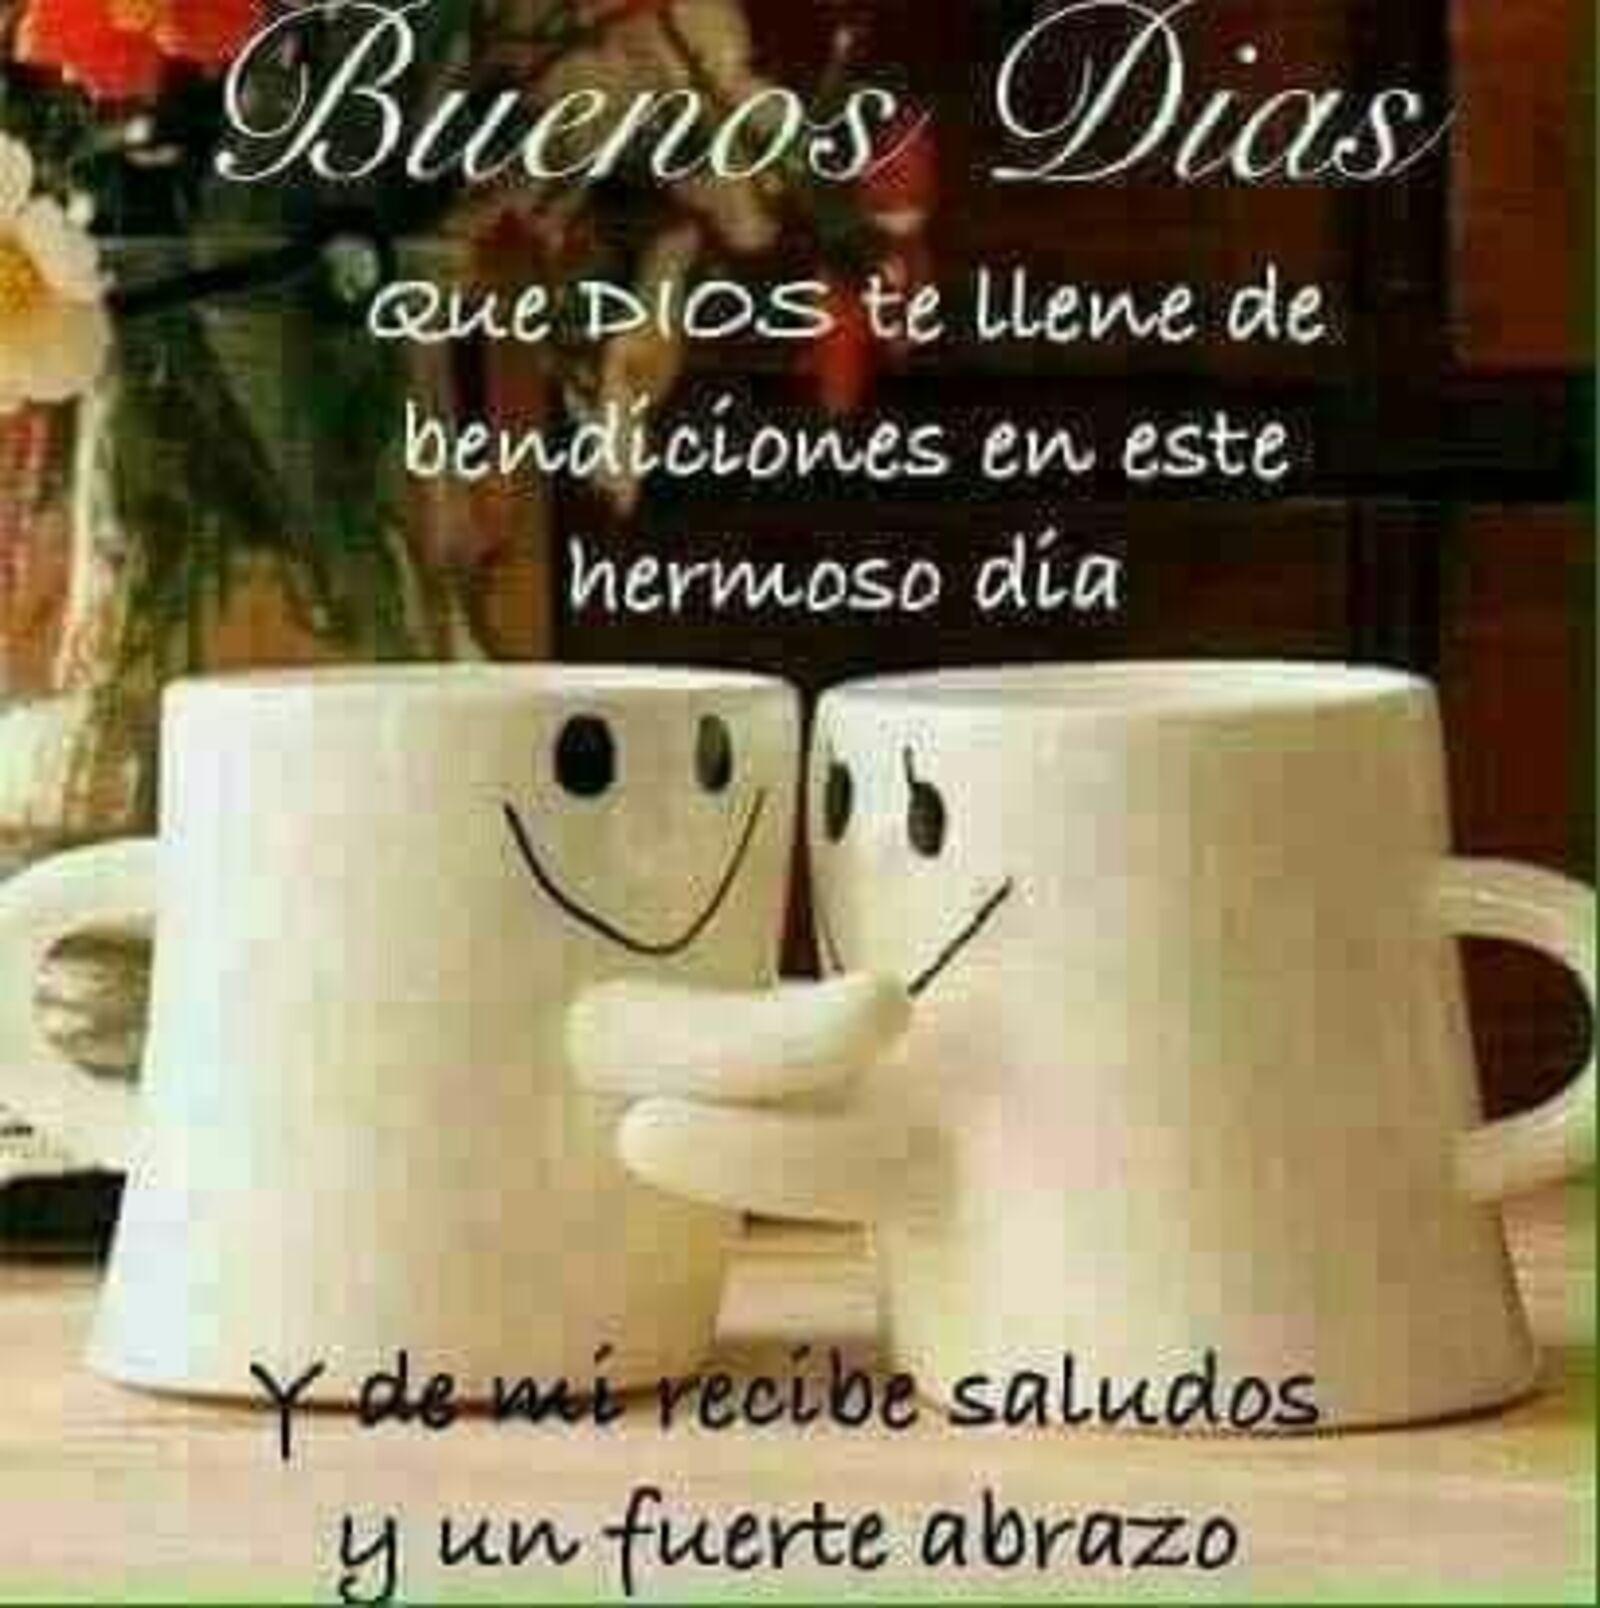 Buenos días que Dios te llene de bendiciones en este hermoso día y de mi recibe saludos y un fuerte abrazo